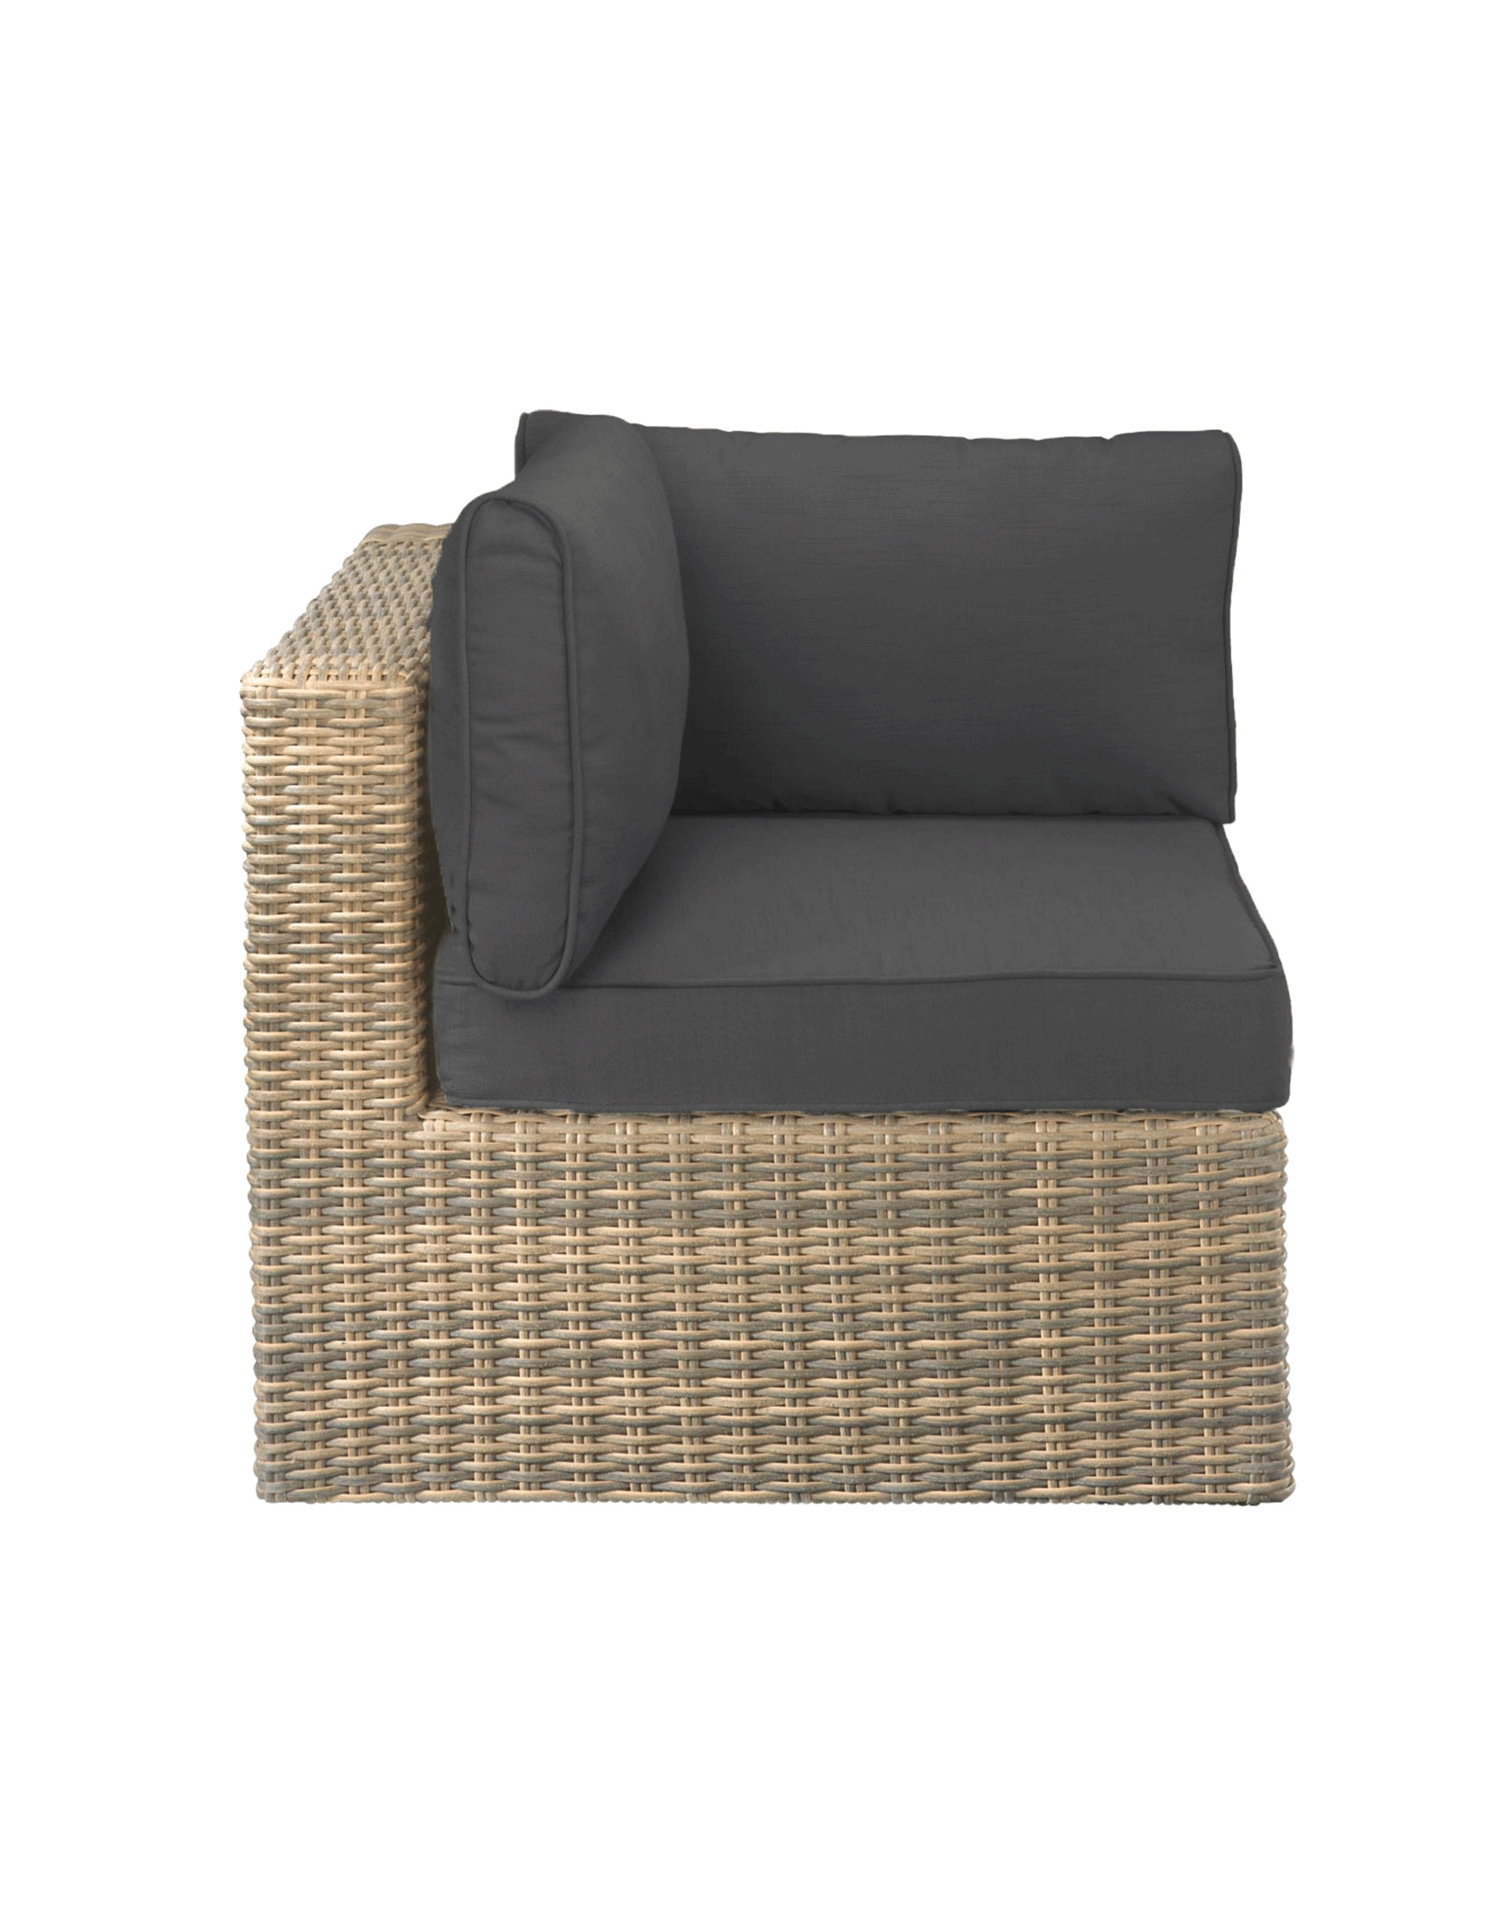 Hofer Prospekt Gartenmobel : Element Wählen Sie eine Option EckElement MittelElement Sessel